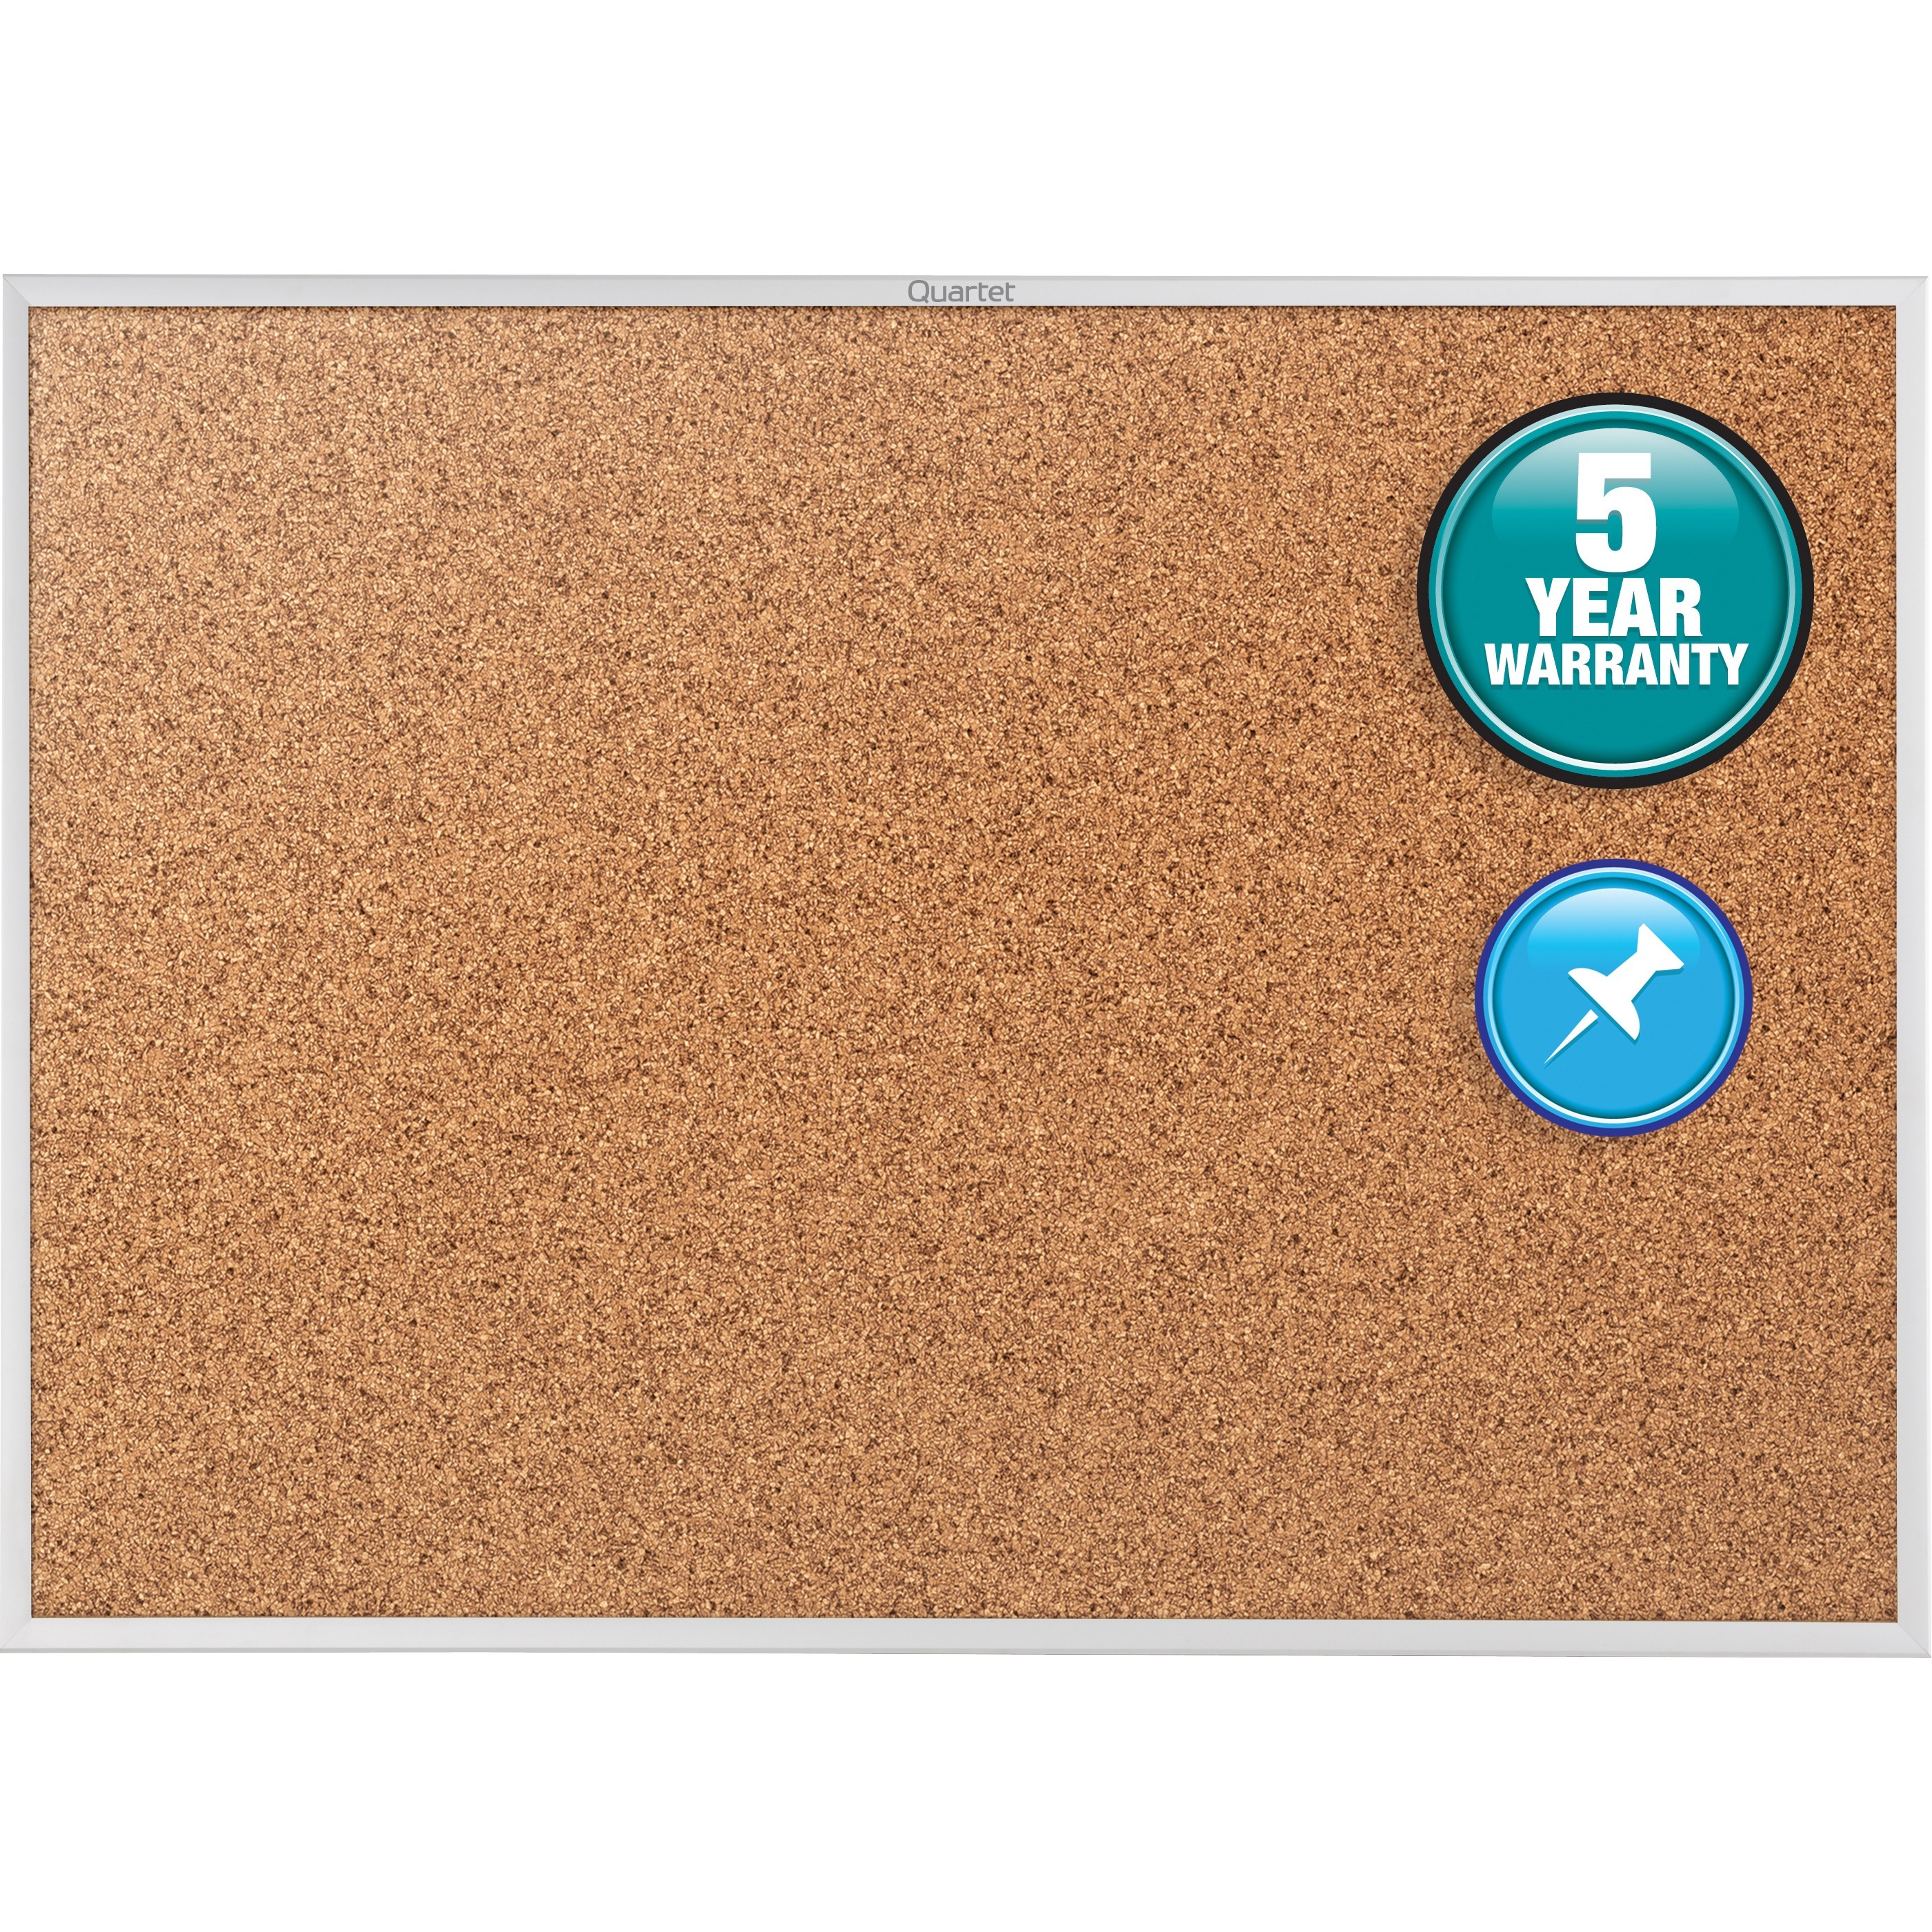 """Quartet Classic Series Cork Bulletin Board, 60"""" x 36"""", Silver Aluminum Frame"""